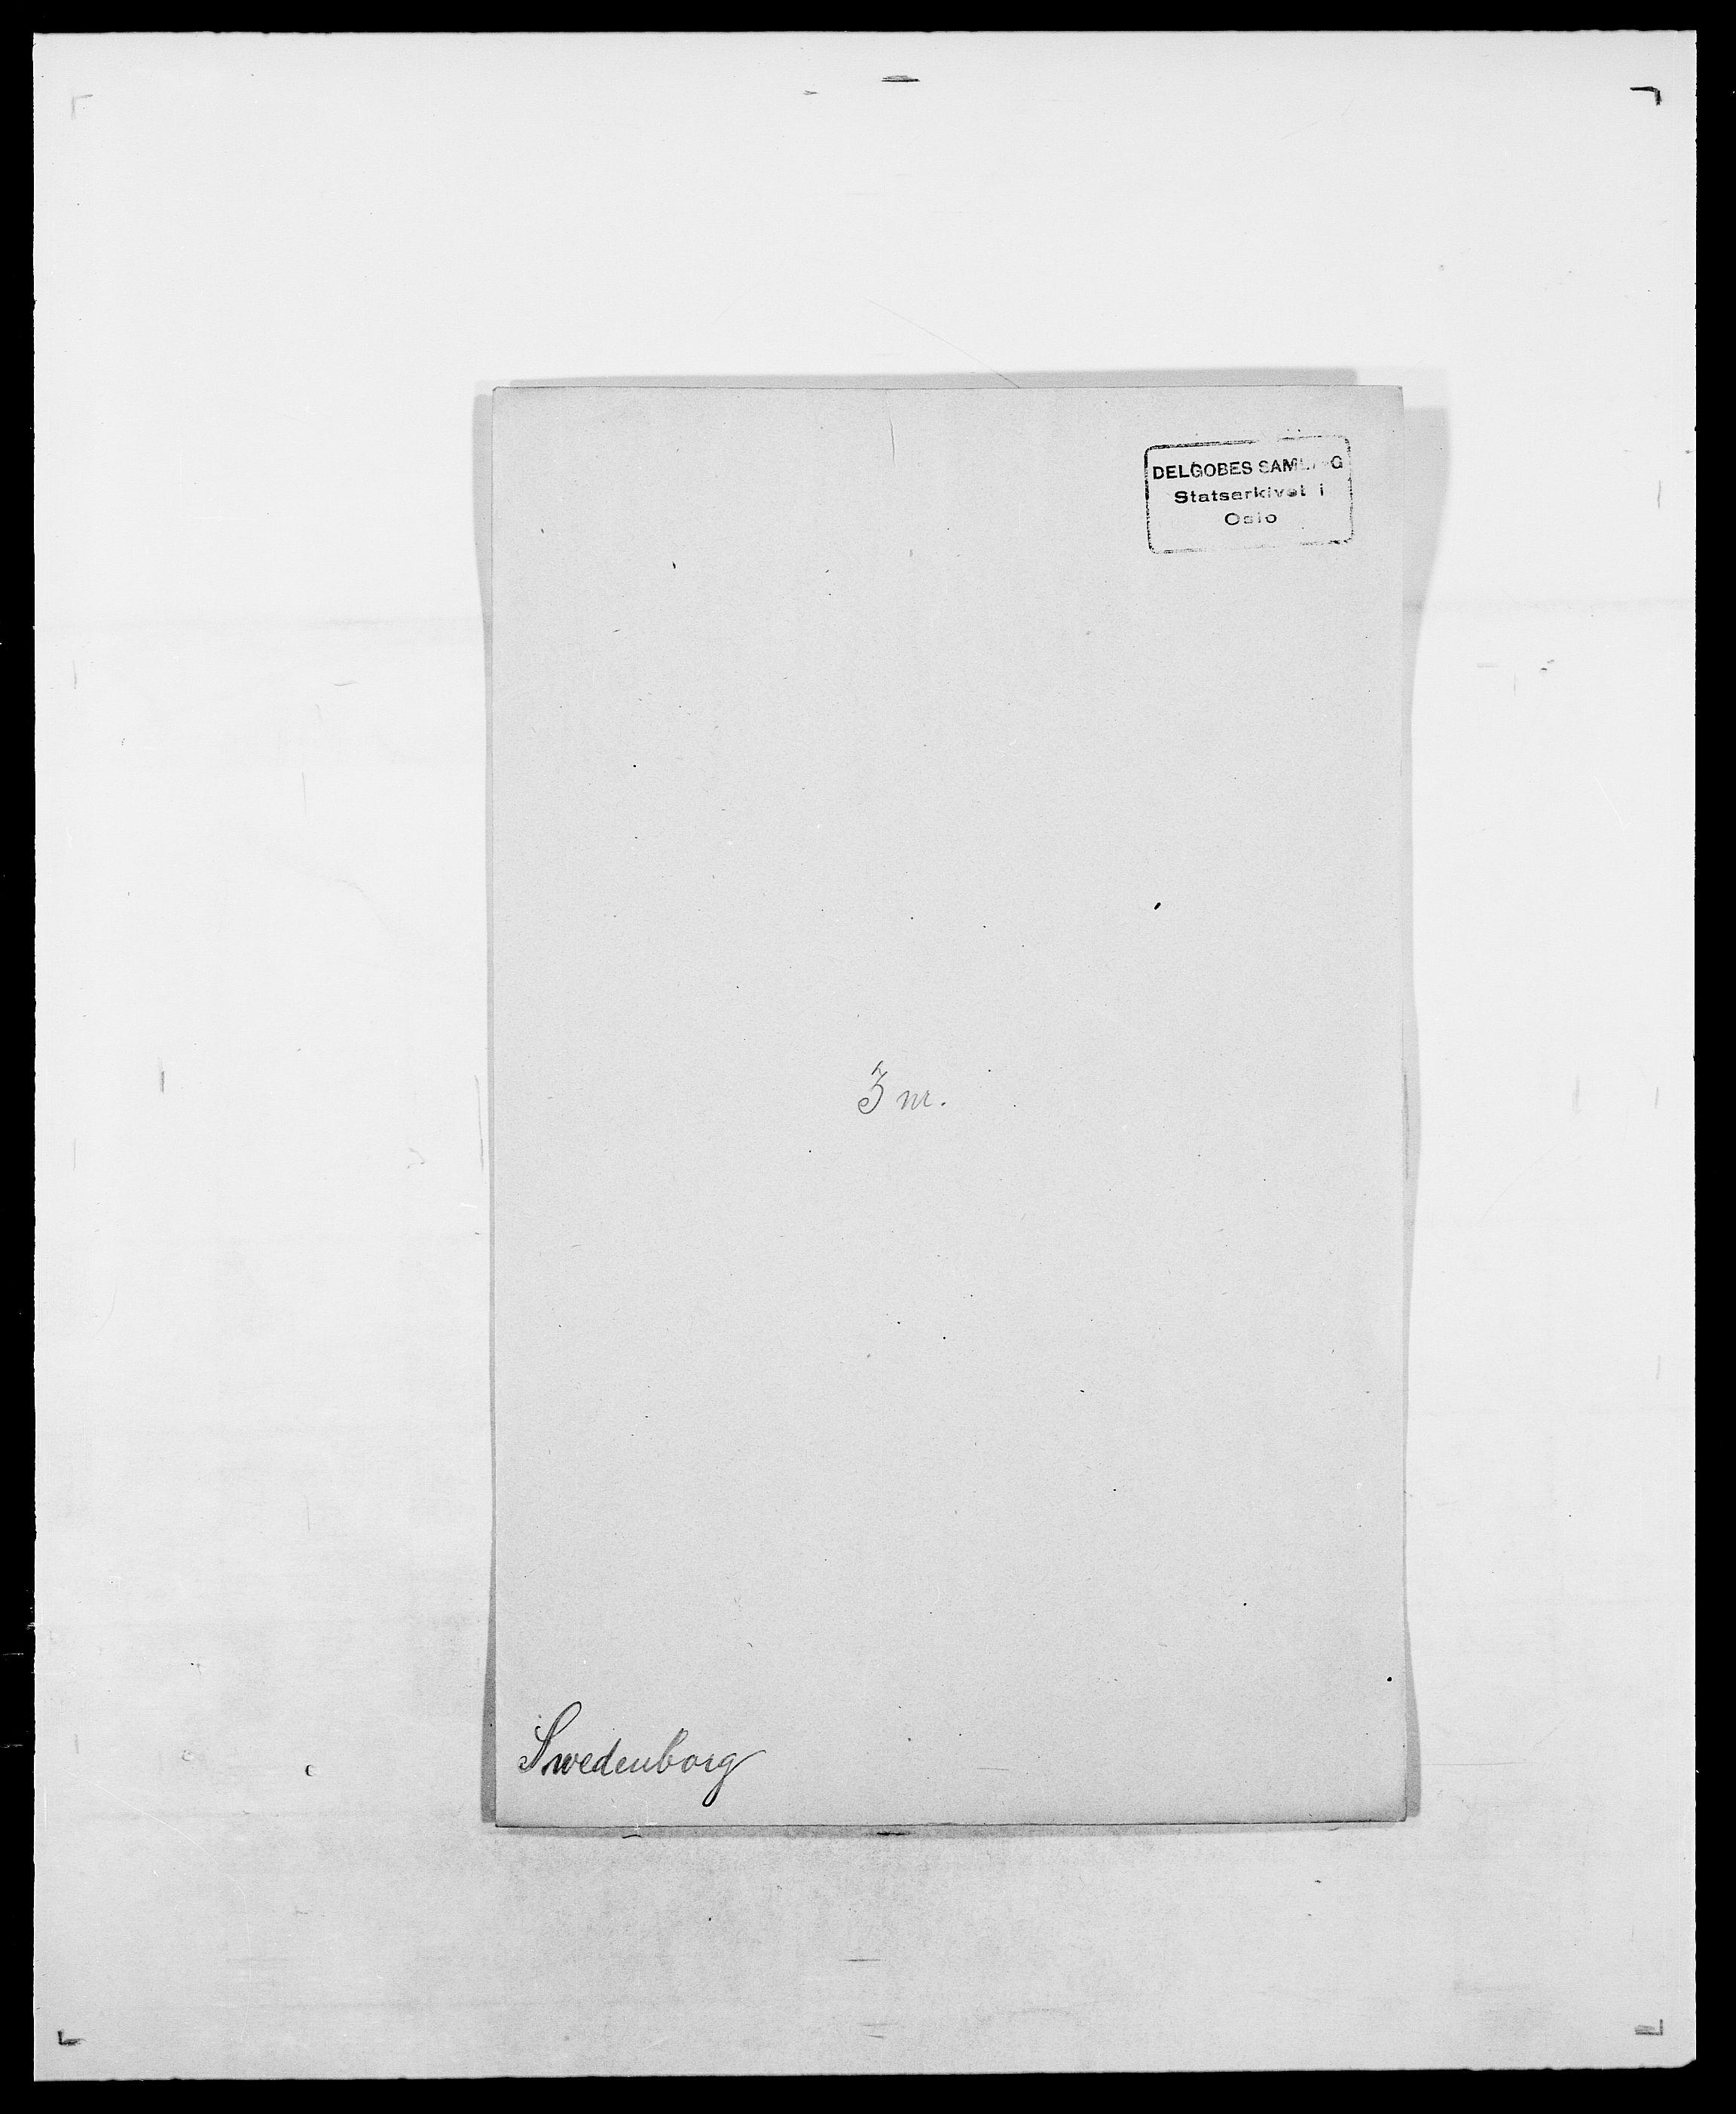 SAO, Delgobe, Charles Antoine - samling, D/Da/L0038: Svanenskjold - Thornsohn, s. 72